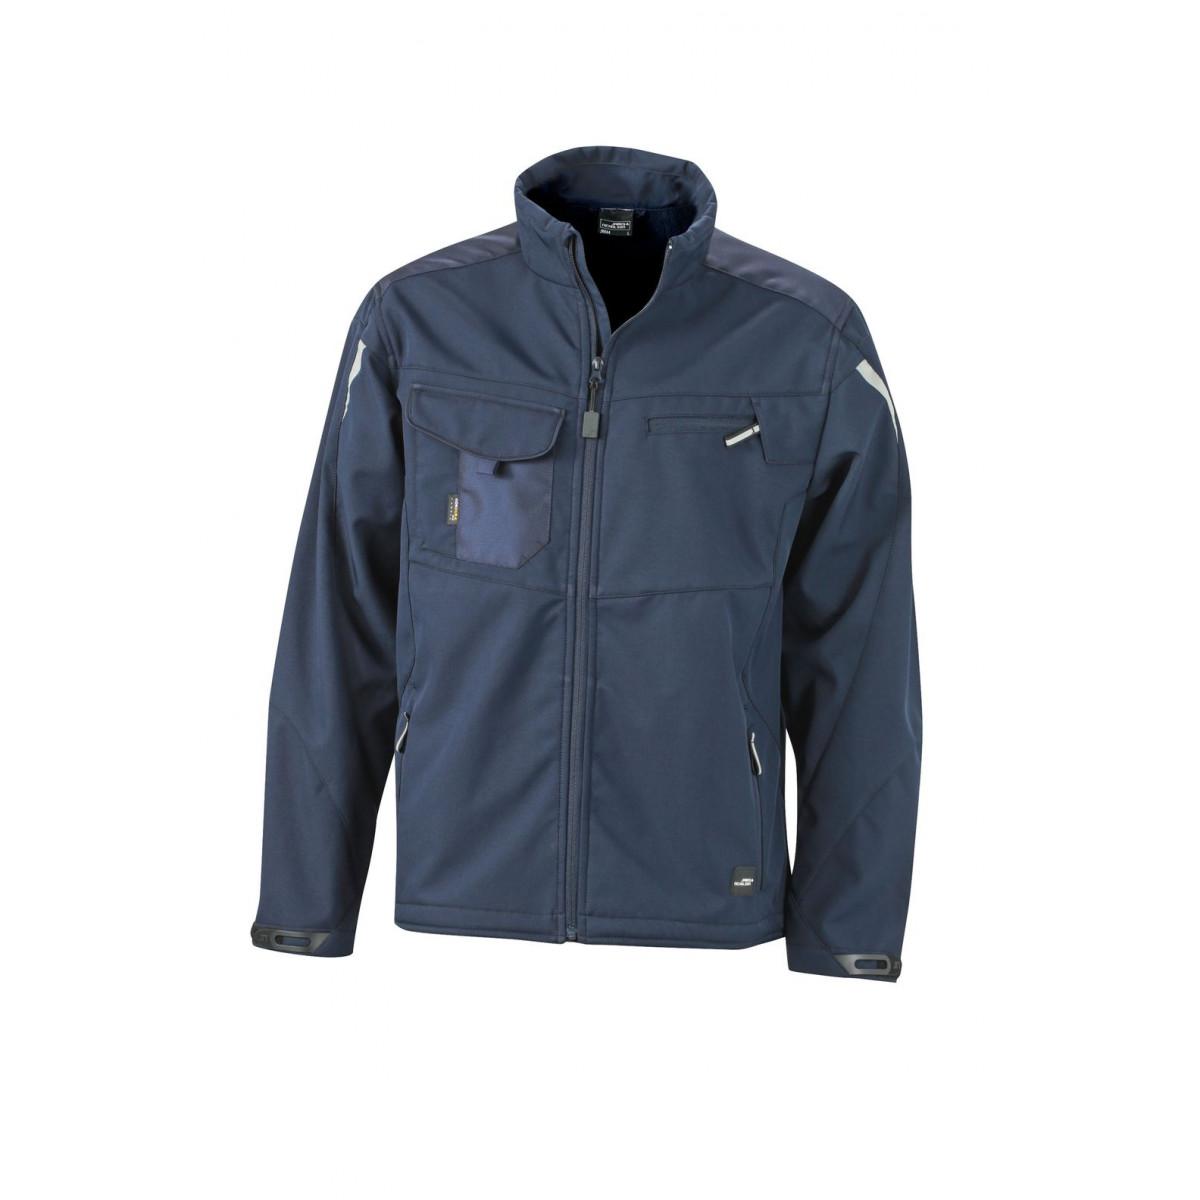 Куртка мужская JN844 Workwear Softshell Jacket - Темно-синий/Темно-синий